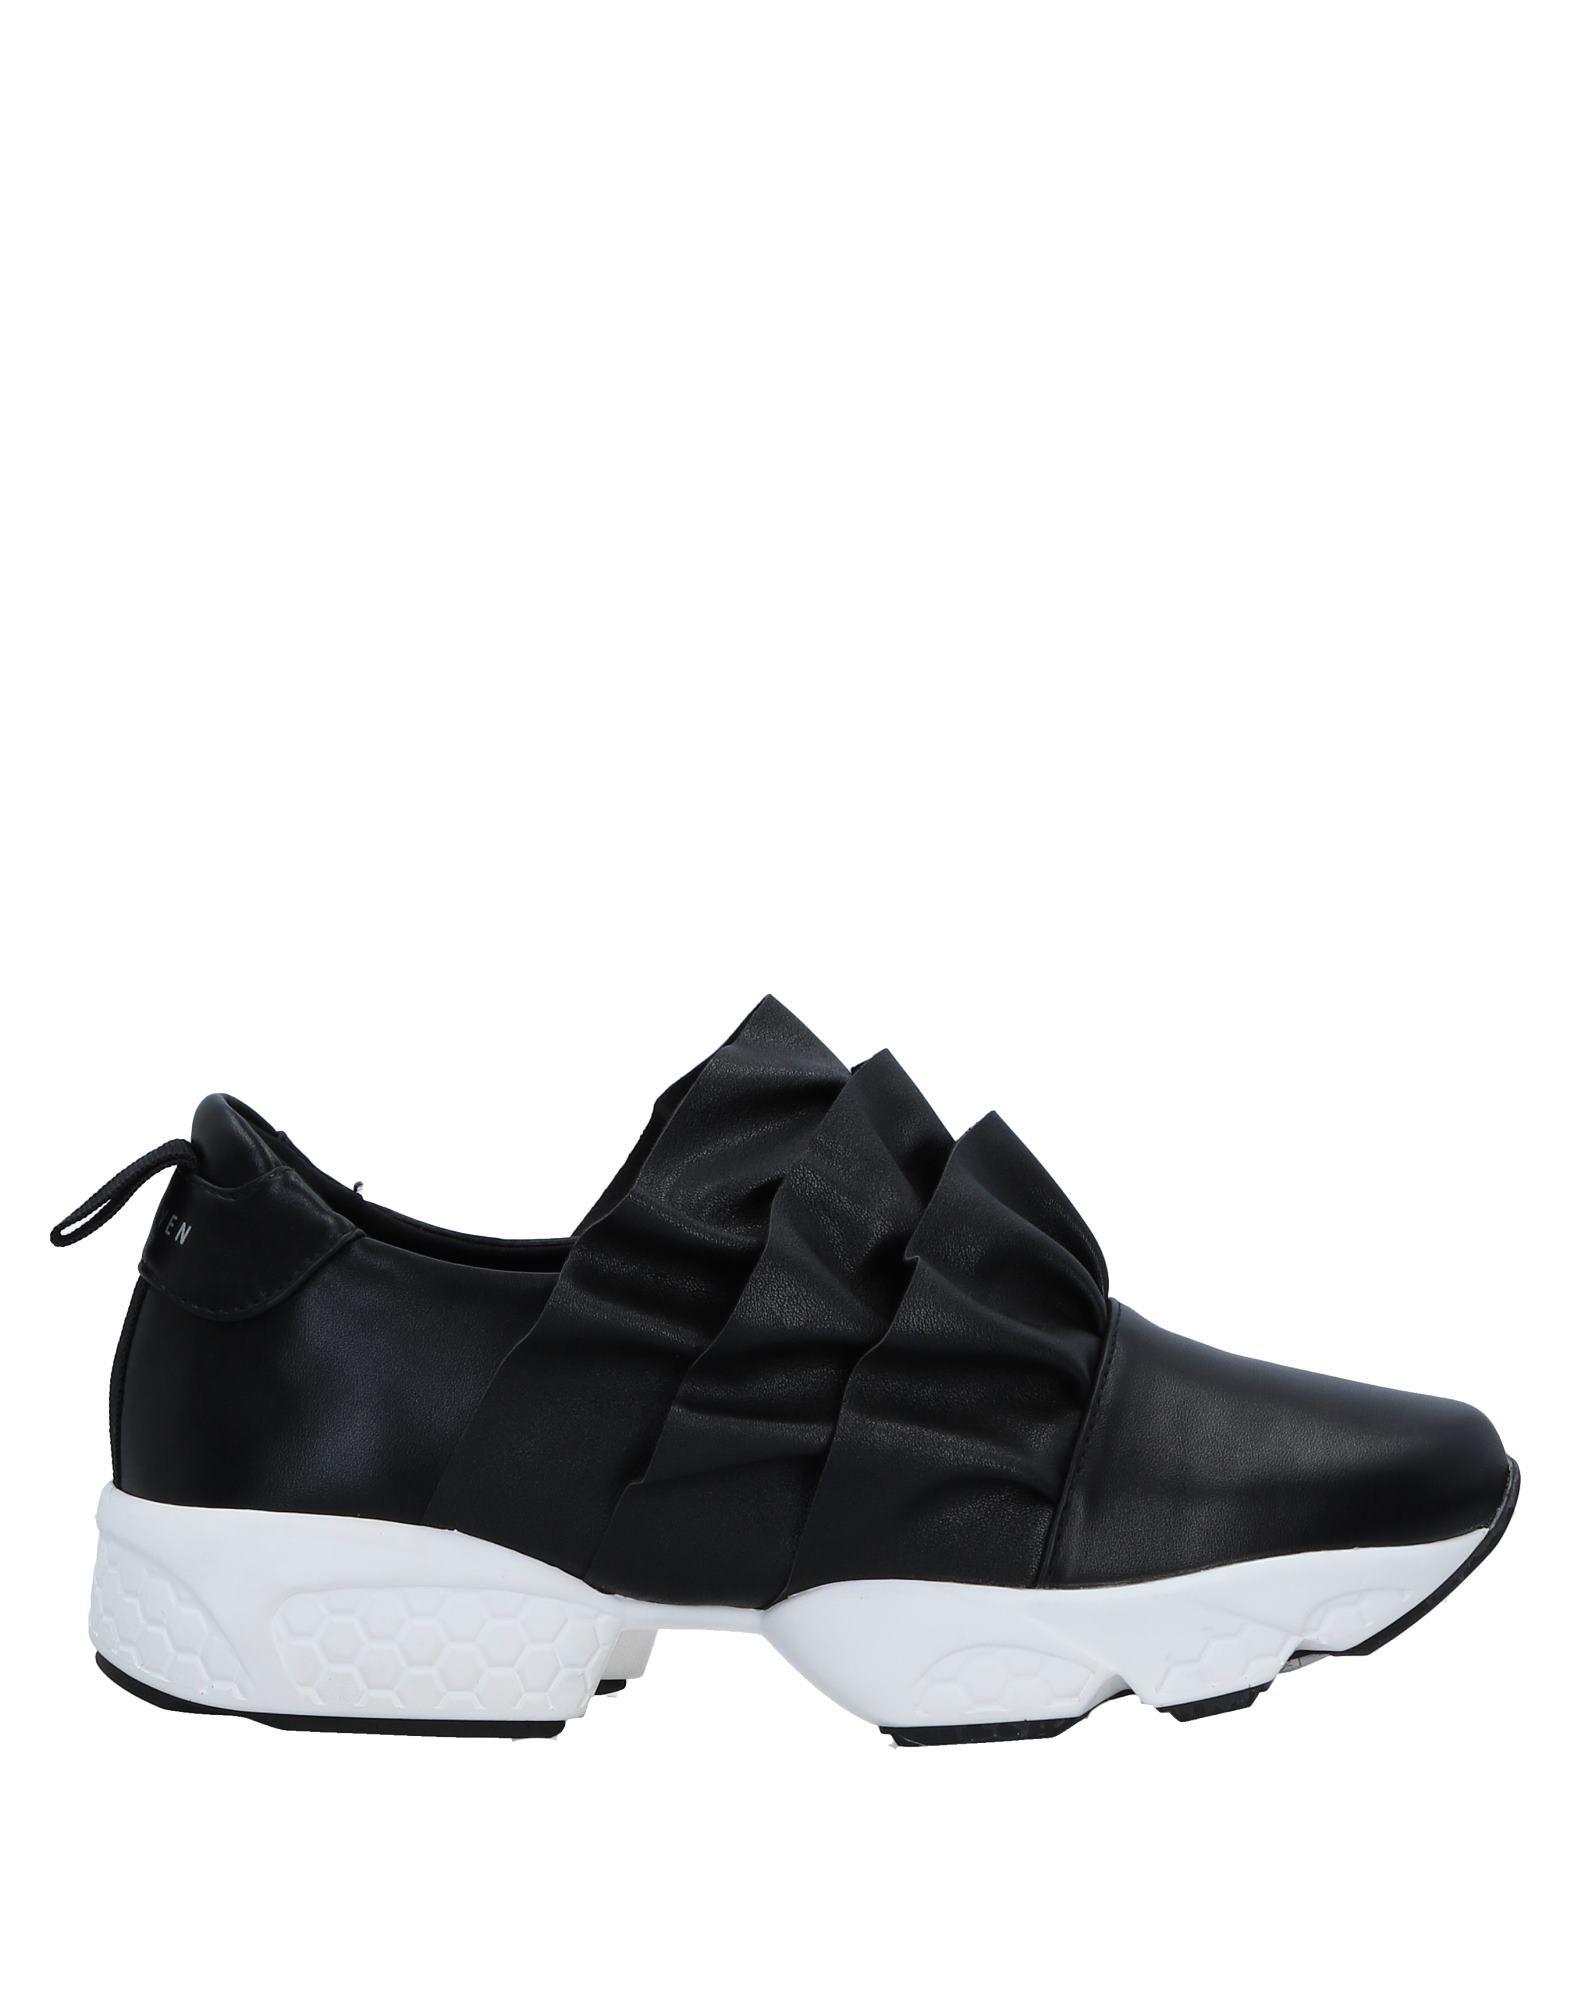 Zapatillas 67 Sixtysev Mujer - - - Zapatillas 67 Sixtysev  Negro 10c6ab